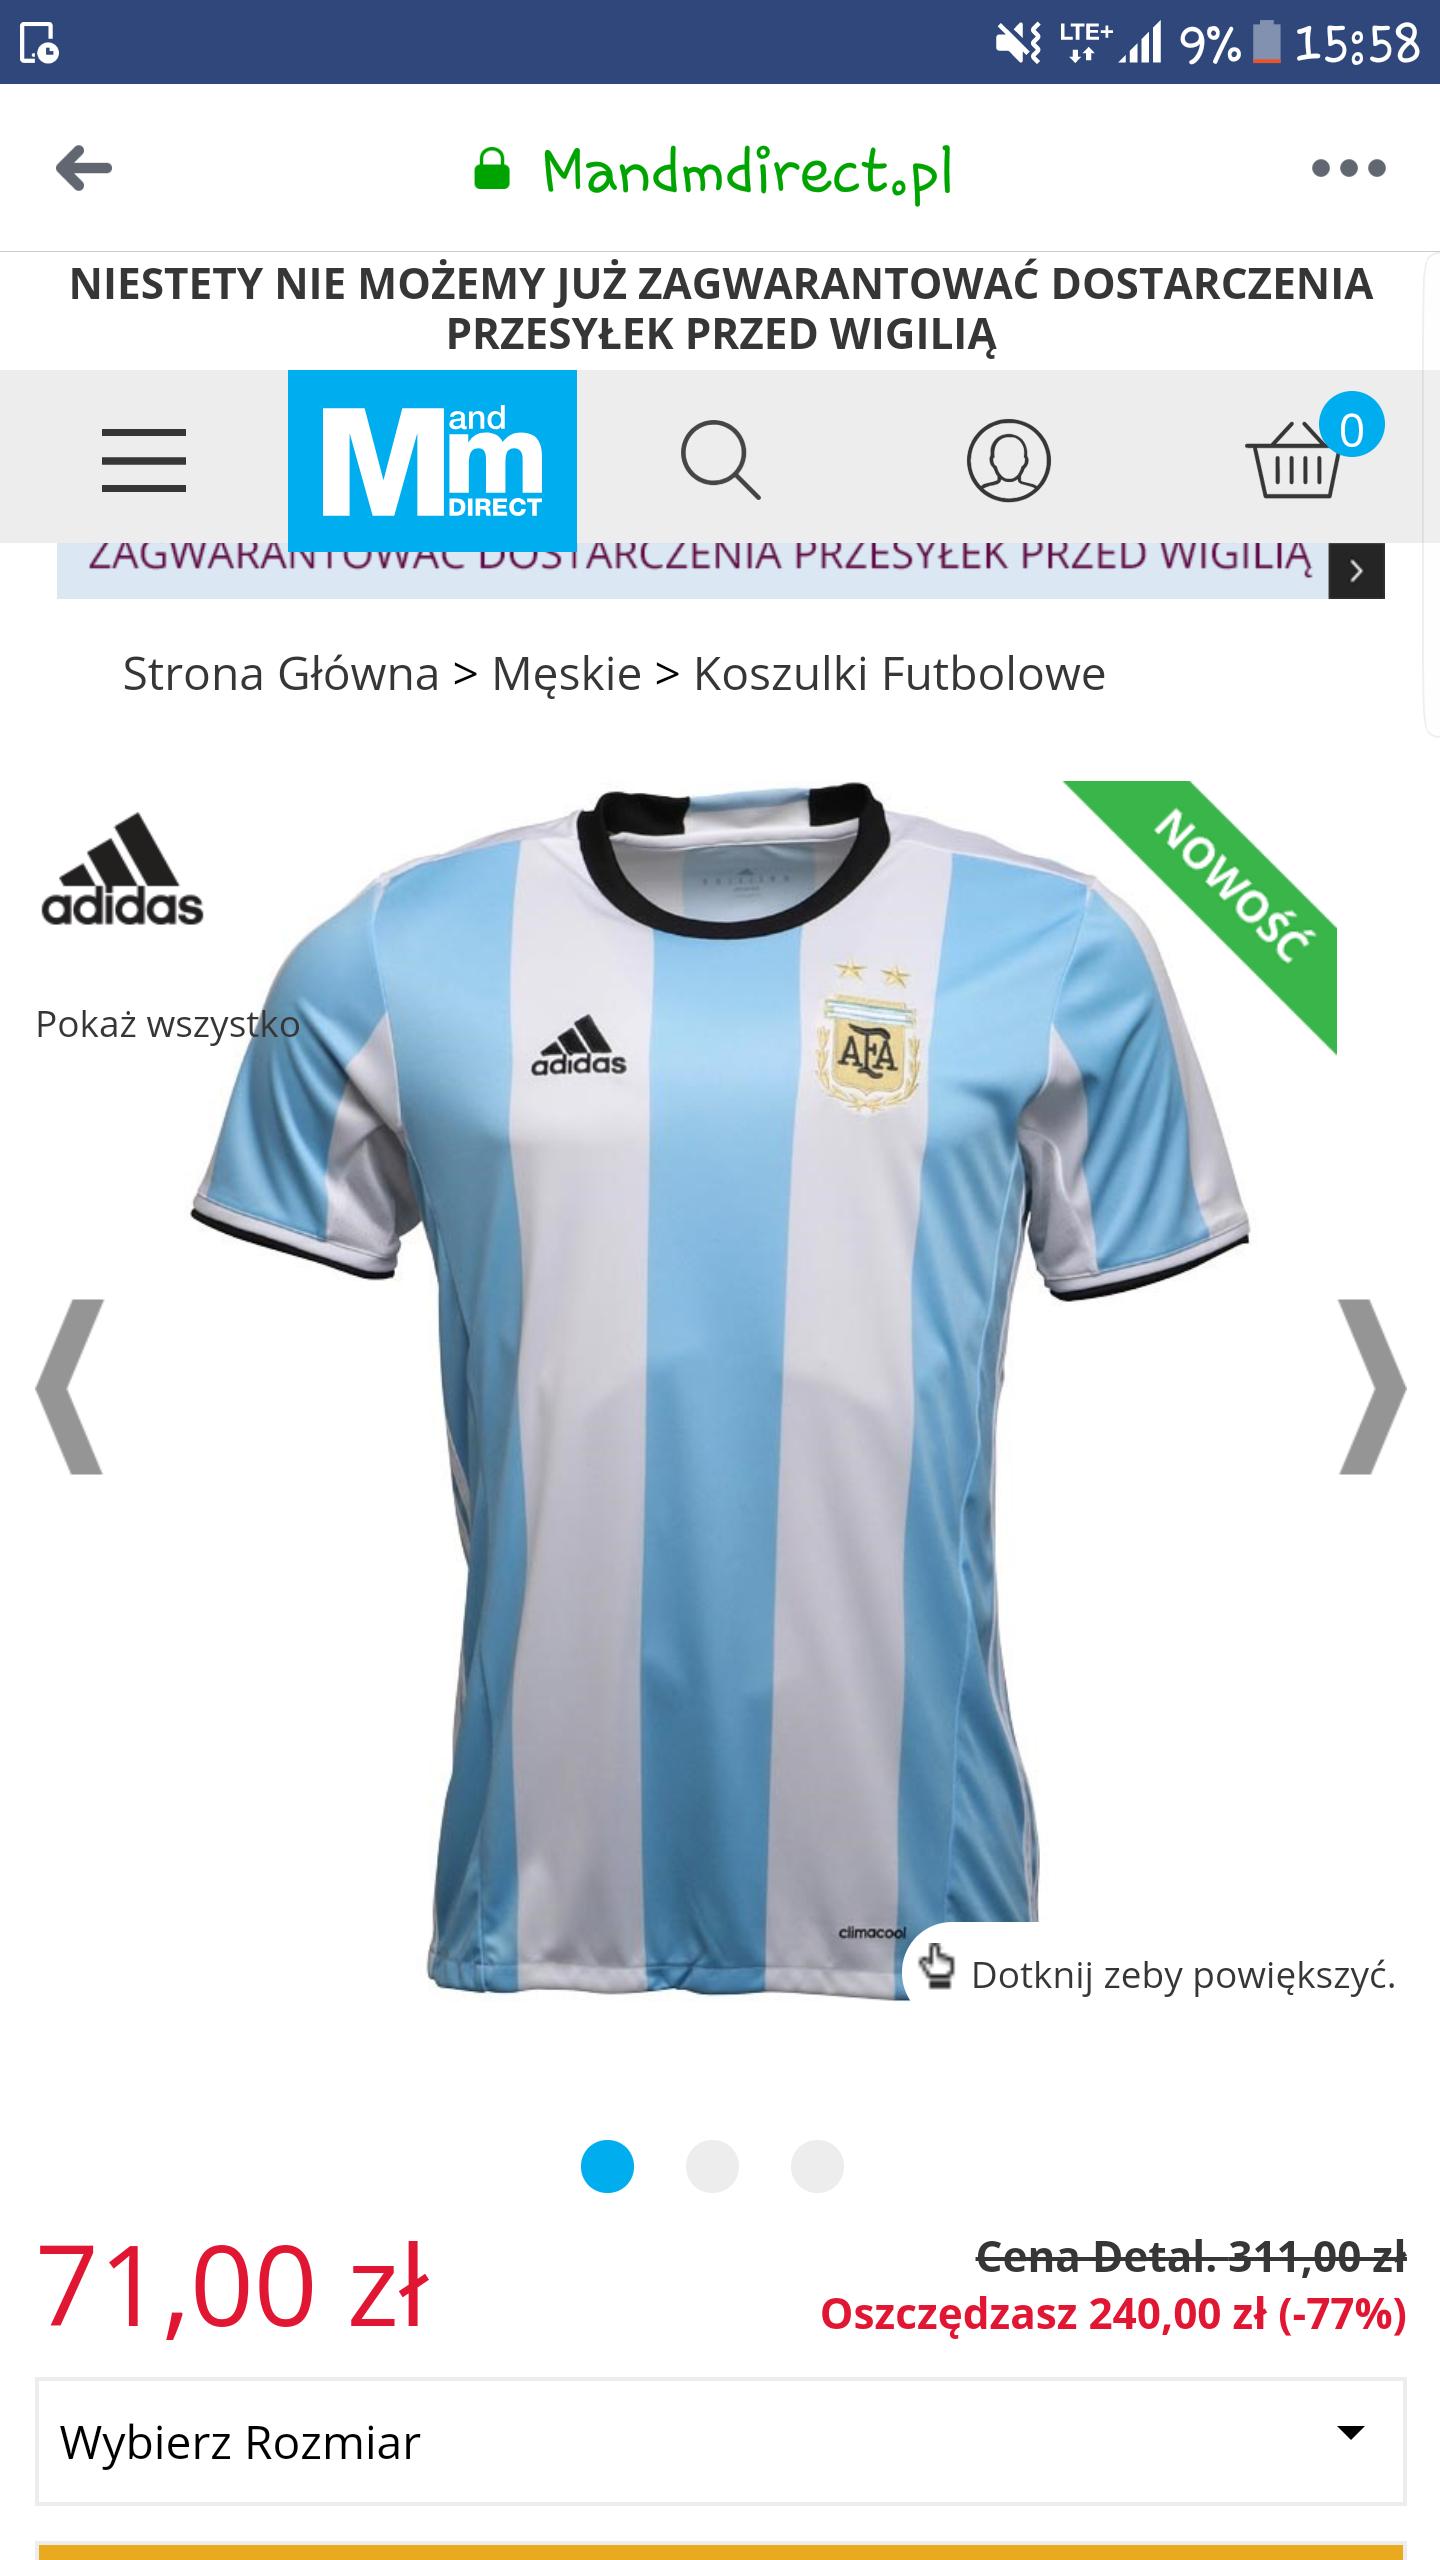 Koszulka piłkarska Argentyna/Kolumbia  -70%    dostawa 4-6dni.  nie ma gwarancji dostania przed wigilią